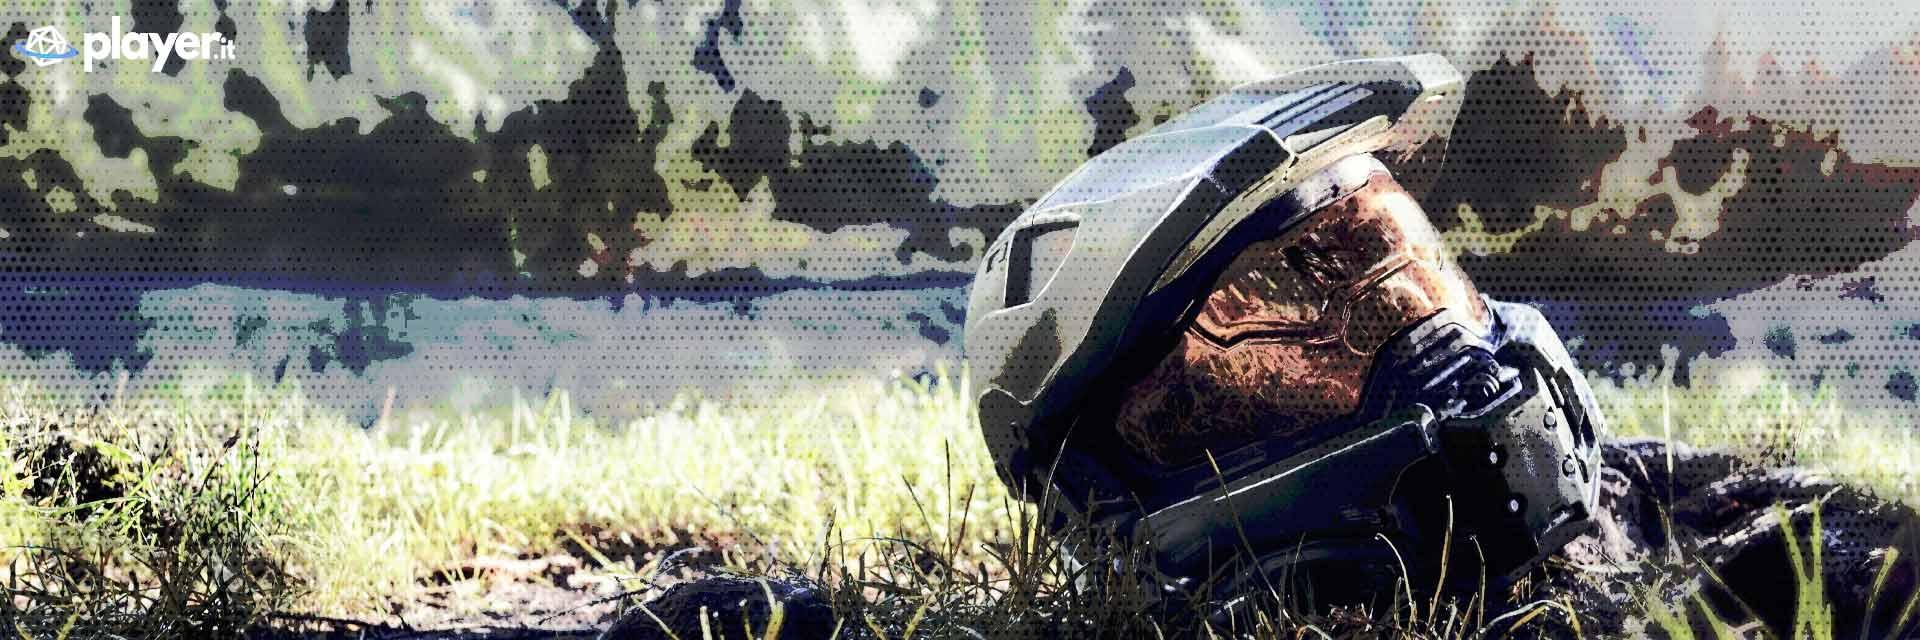 immagine in evidenza del gioco Halo Infinite